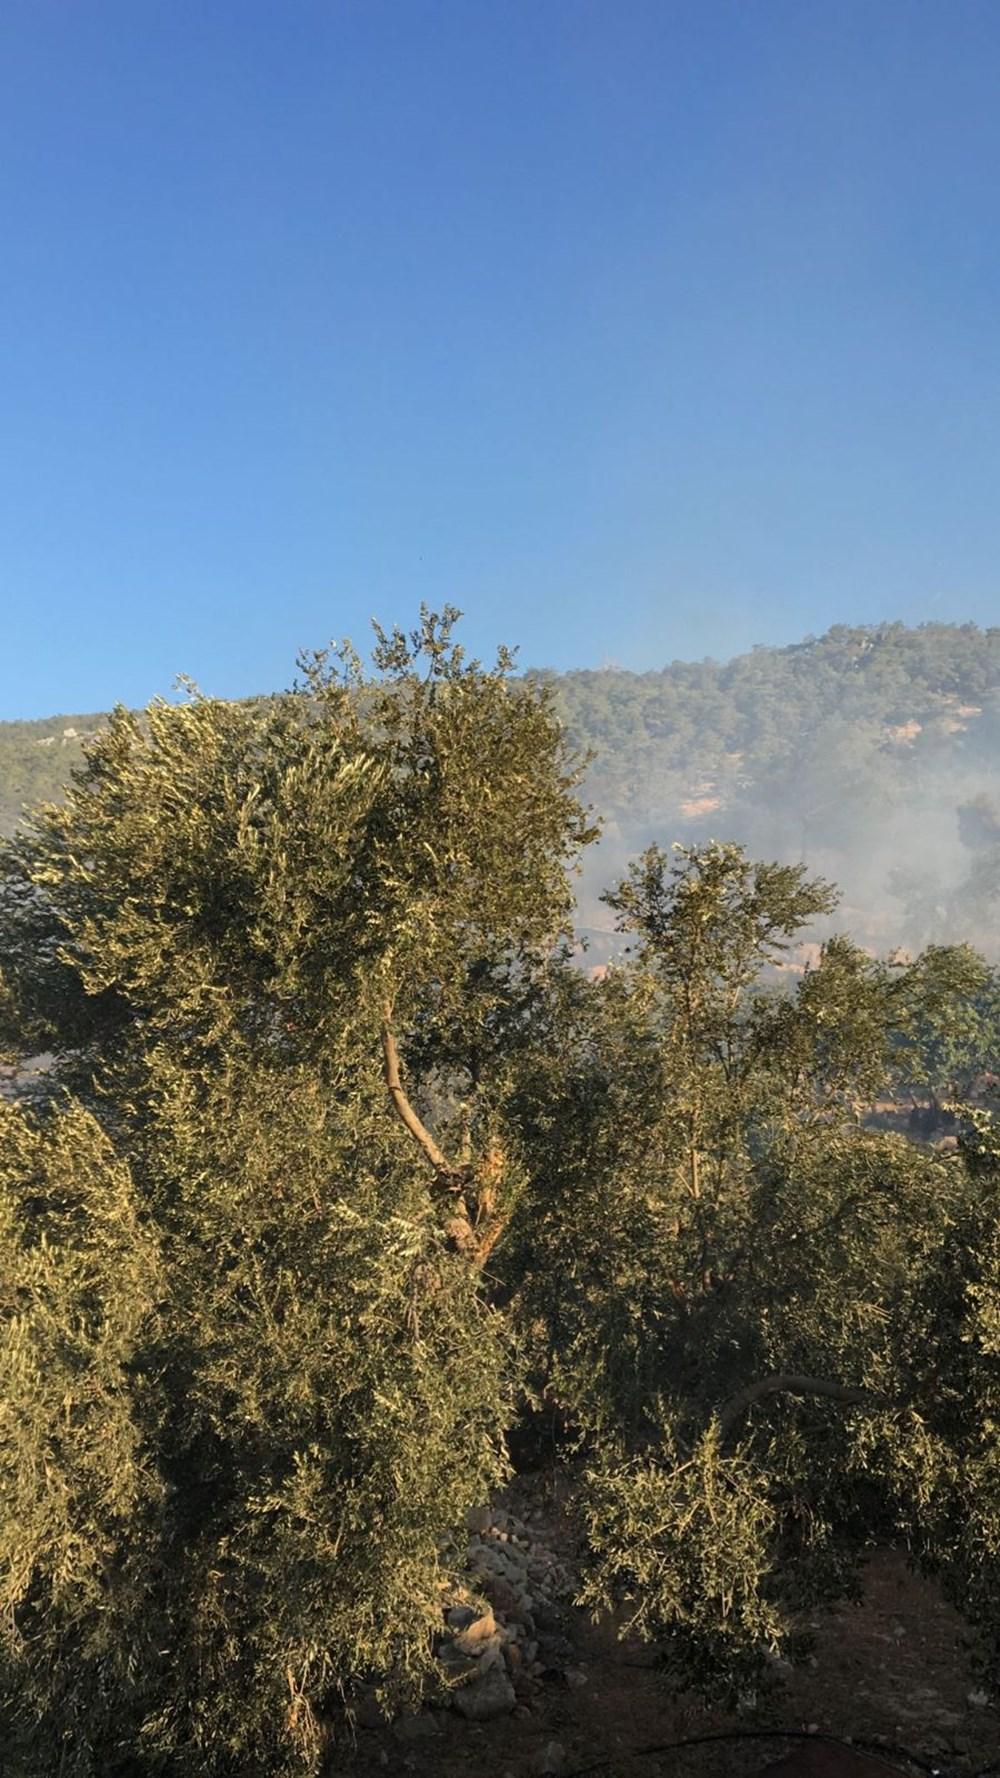 Antalya, Adana, Mersin, Aydın, Muğla, Osmaniye, Kayseri ve Manisa'da orman yangınları - 16